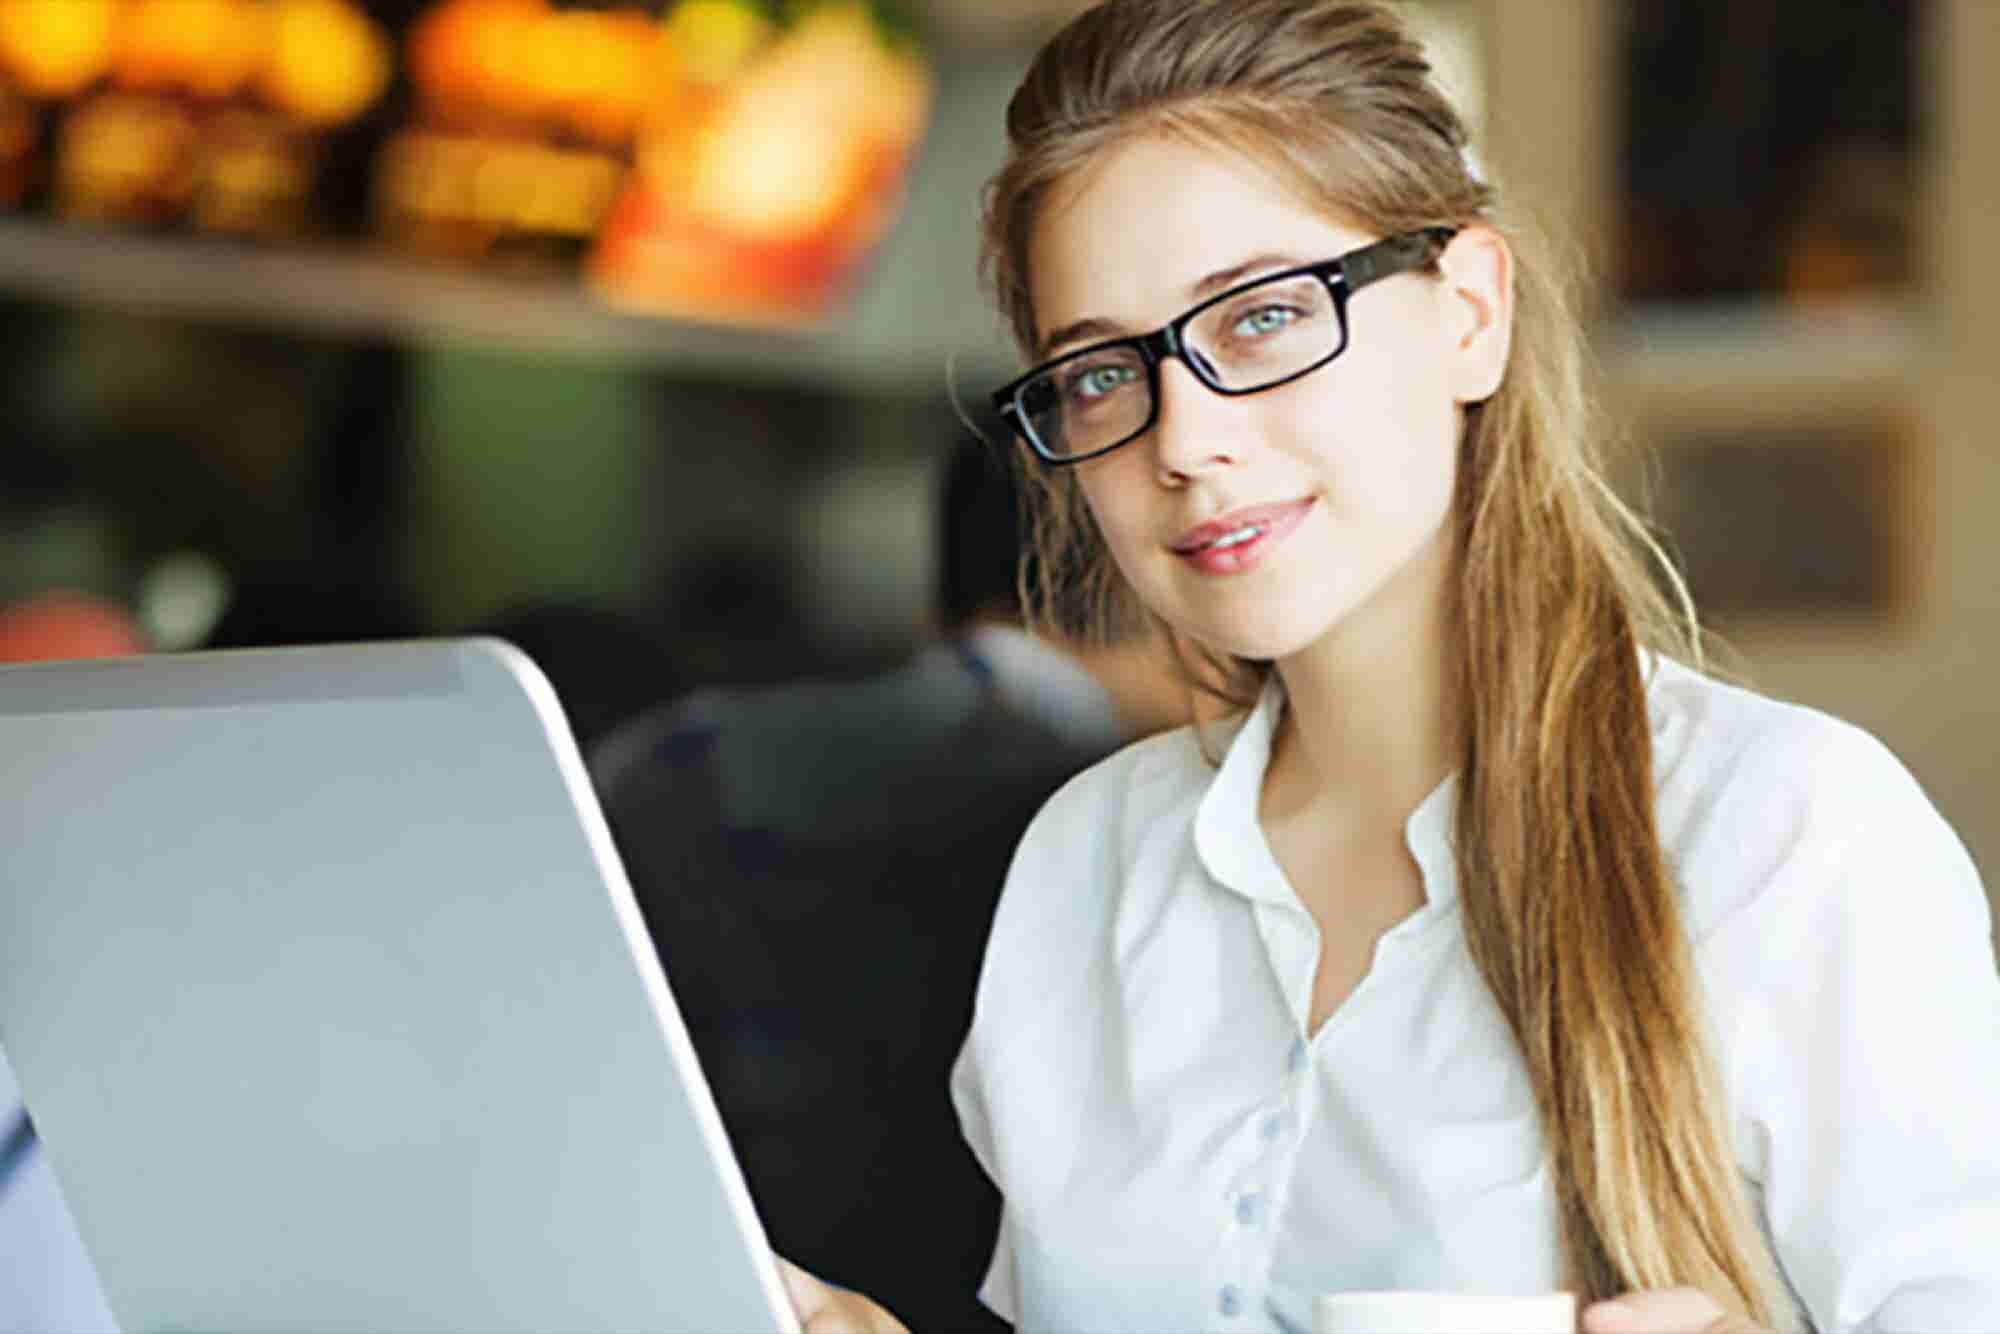 La Generación Y prefiere trabajar en oficinas